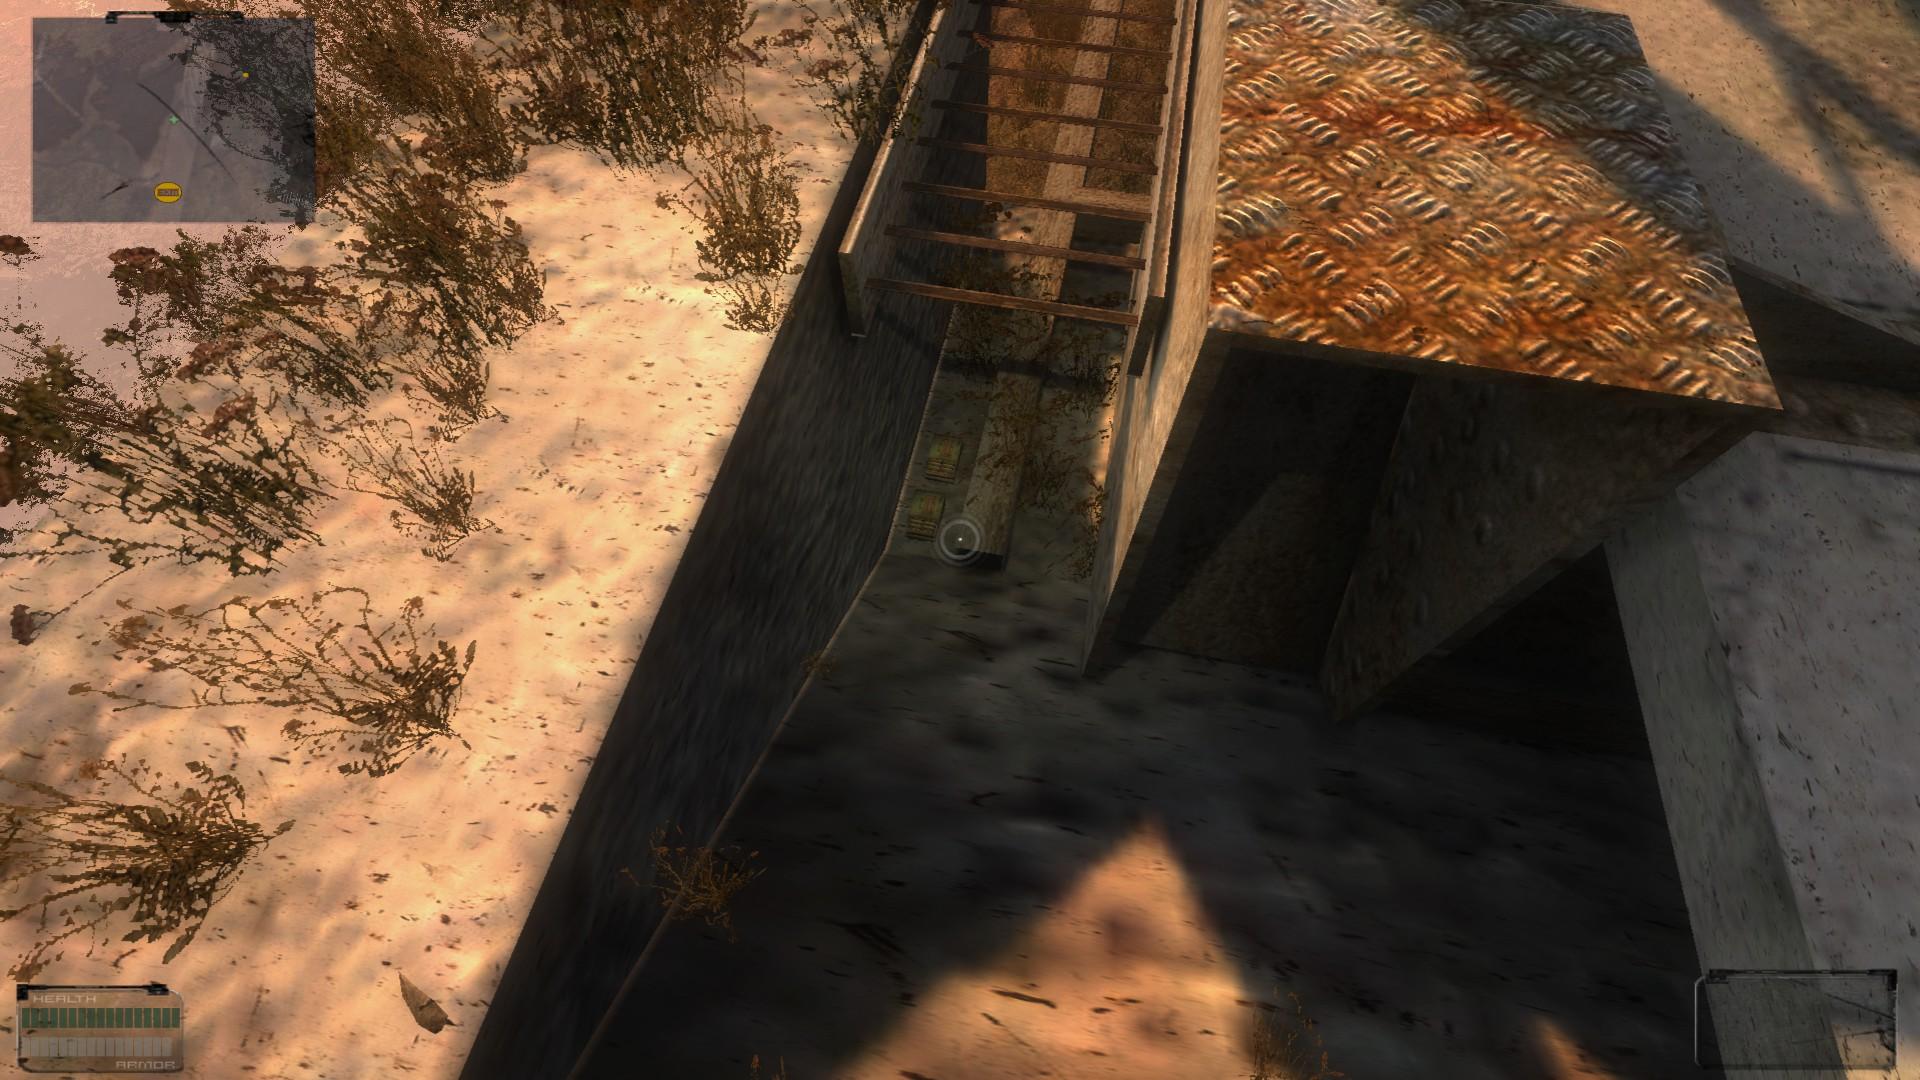 Oblivion Lost Remake 2.5 image 361